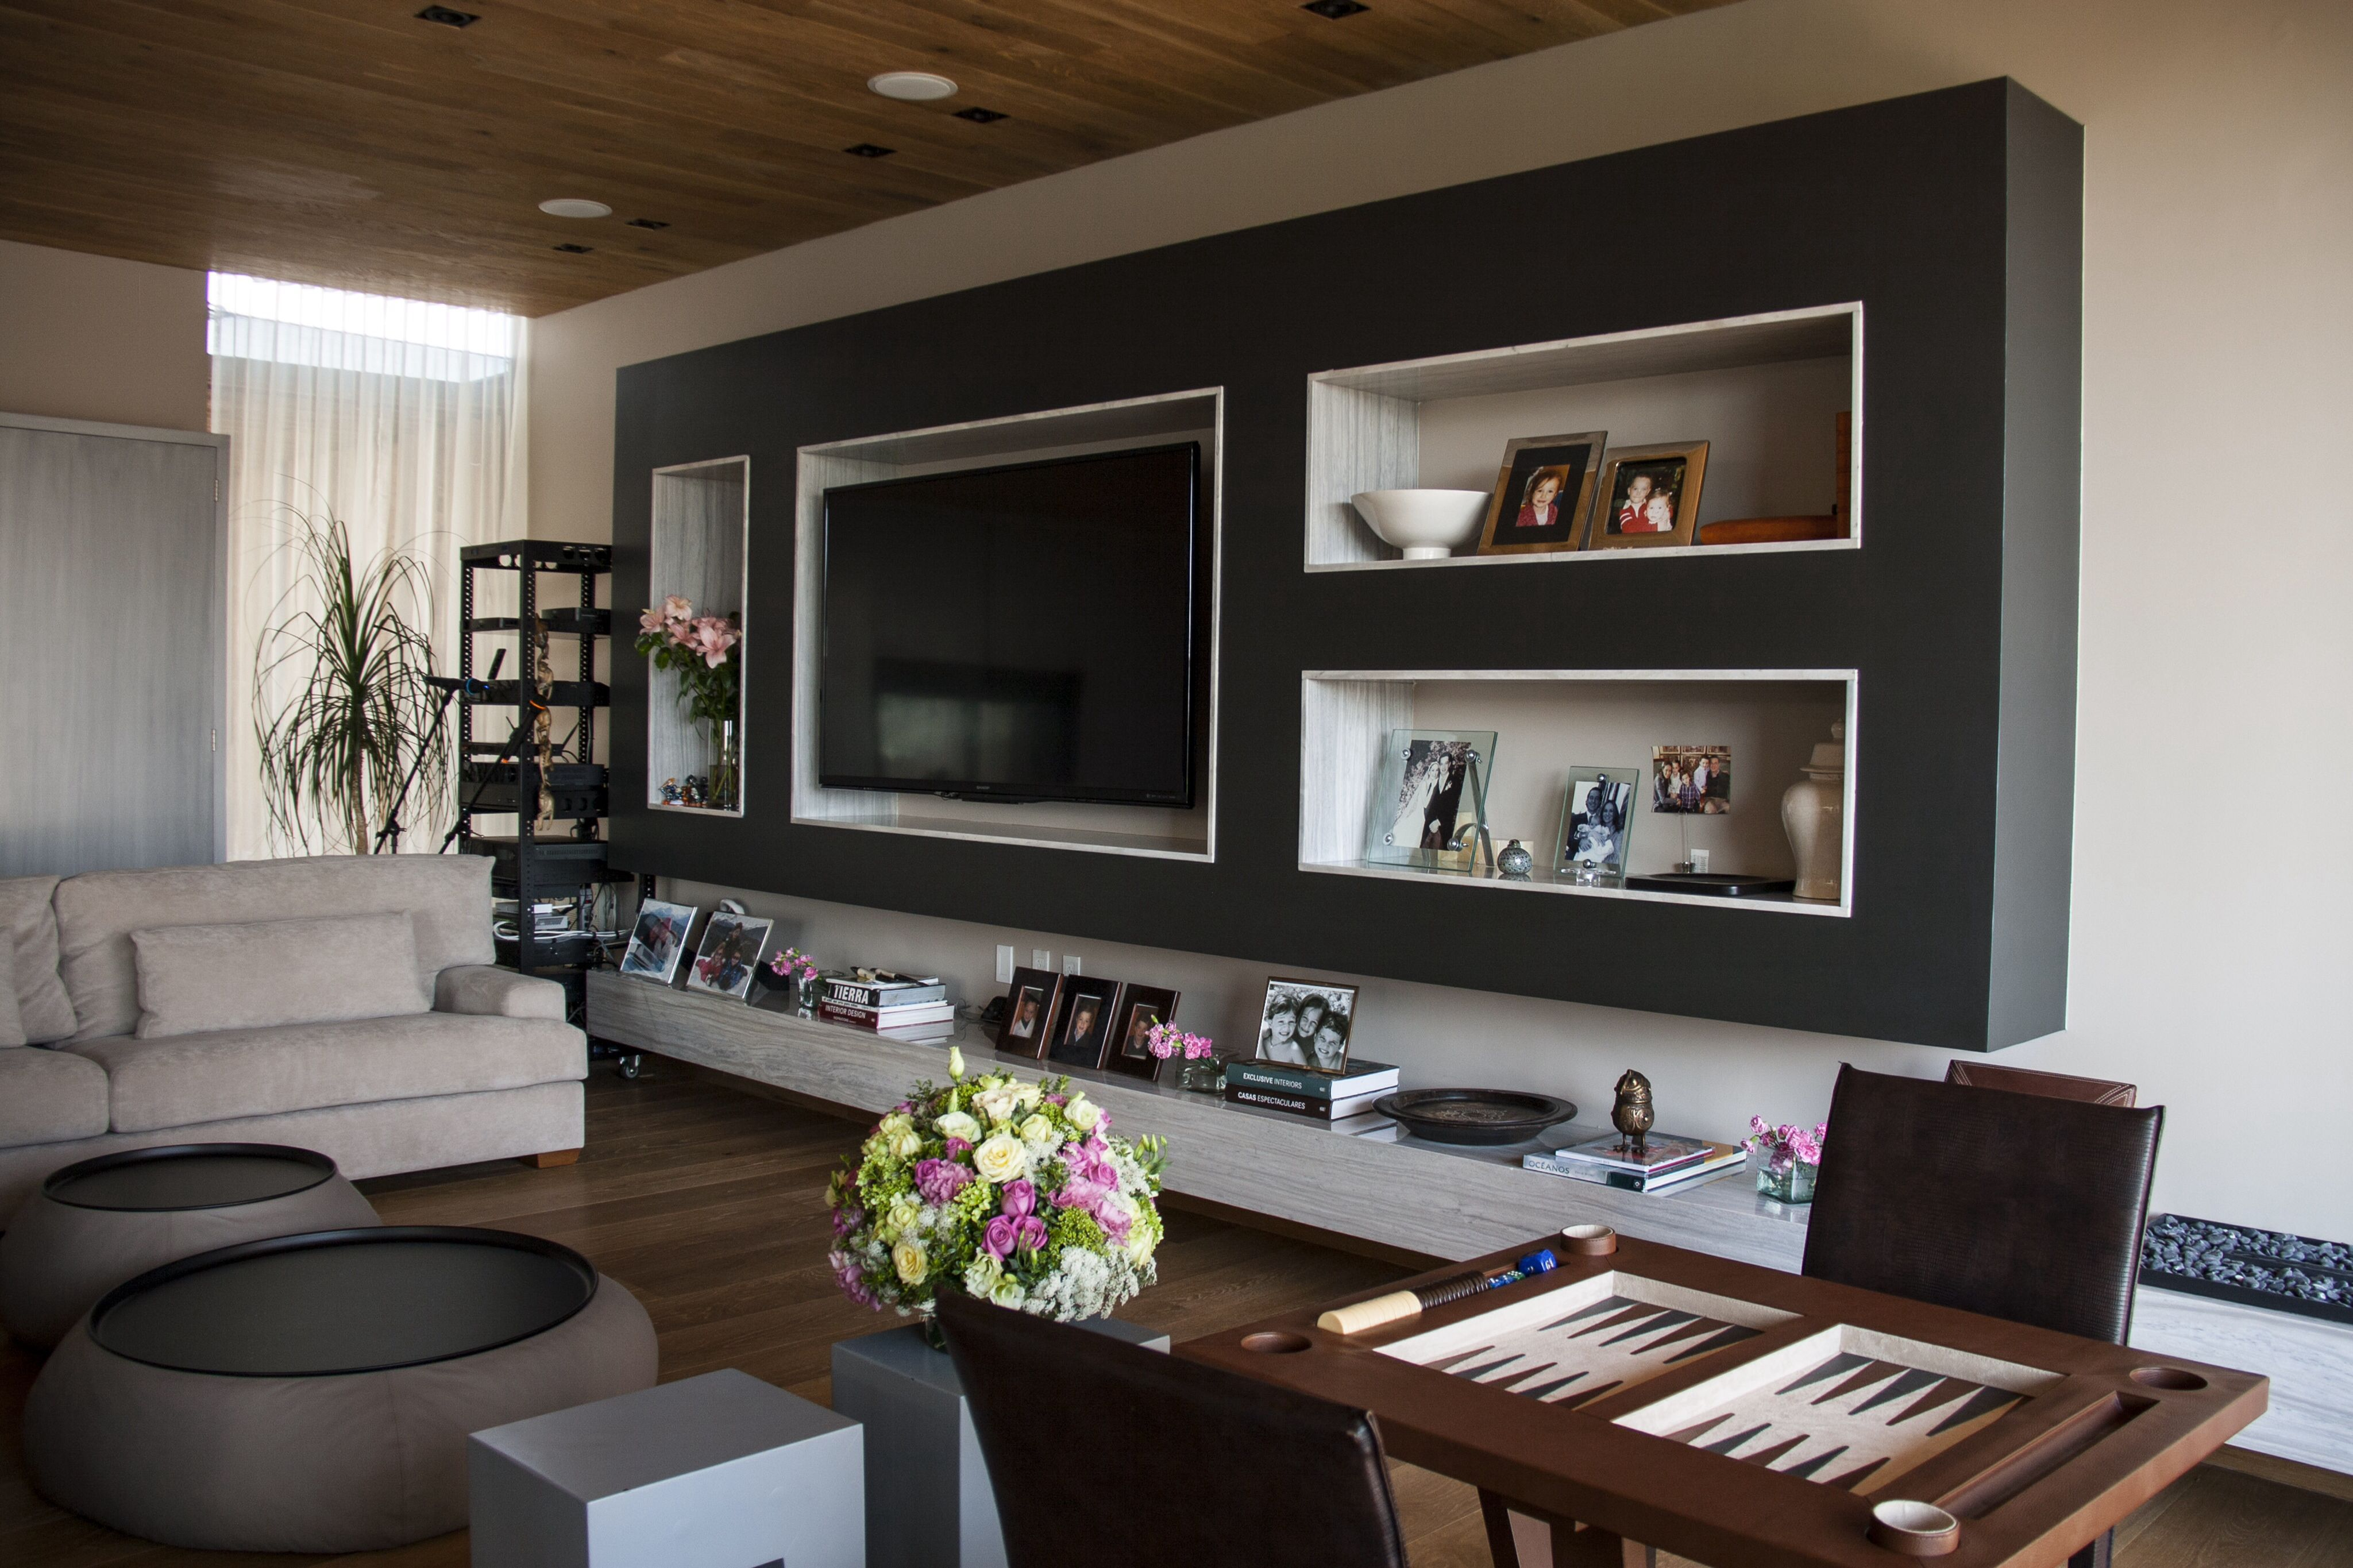 casa ss cuarto de juegos mueble de tv decoracin plafn de madera